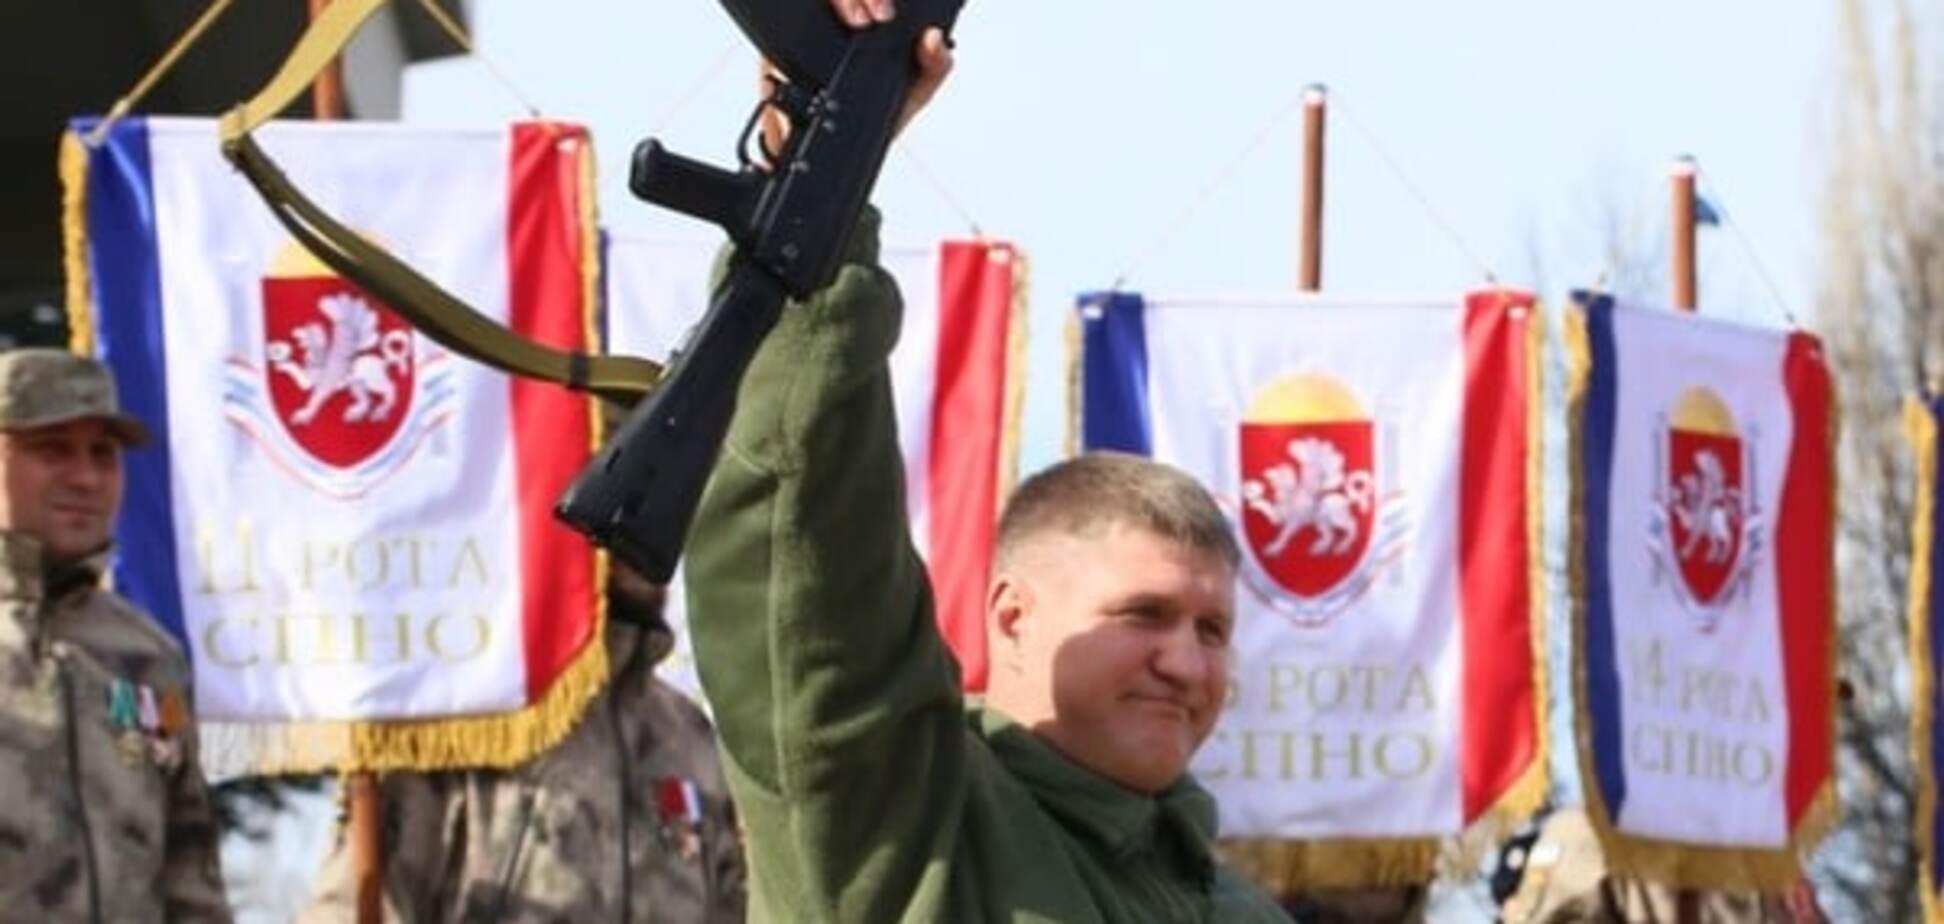 'Патріоти Путіна': в Криму 'ветерани ФСБ' створили нову політсилу